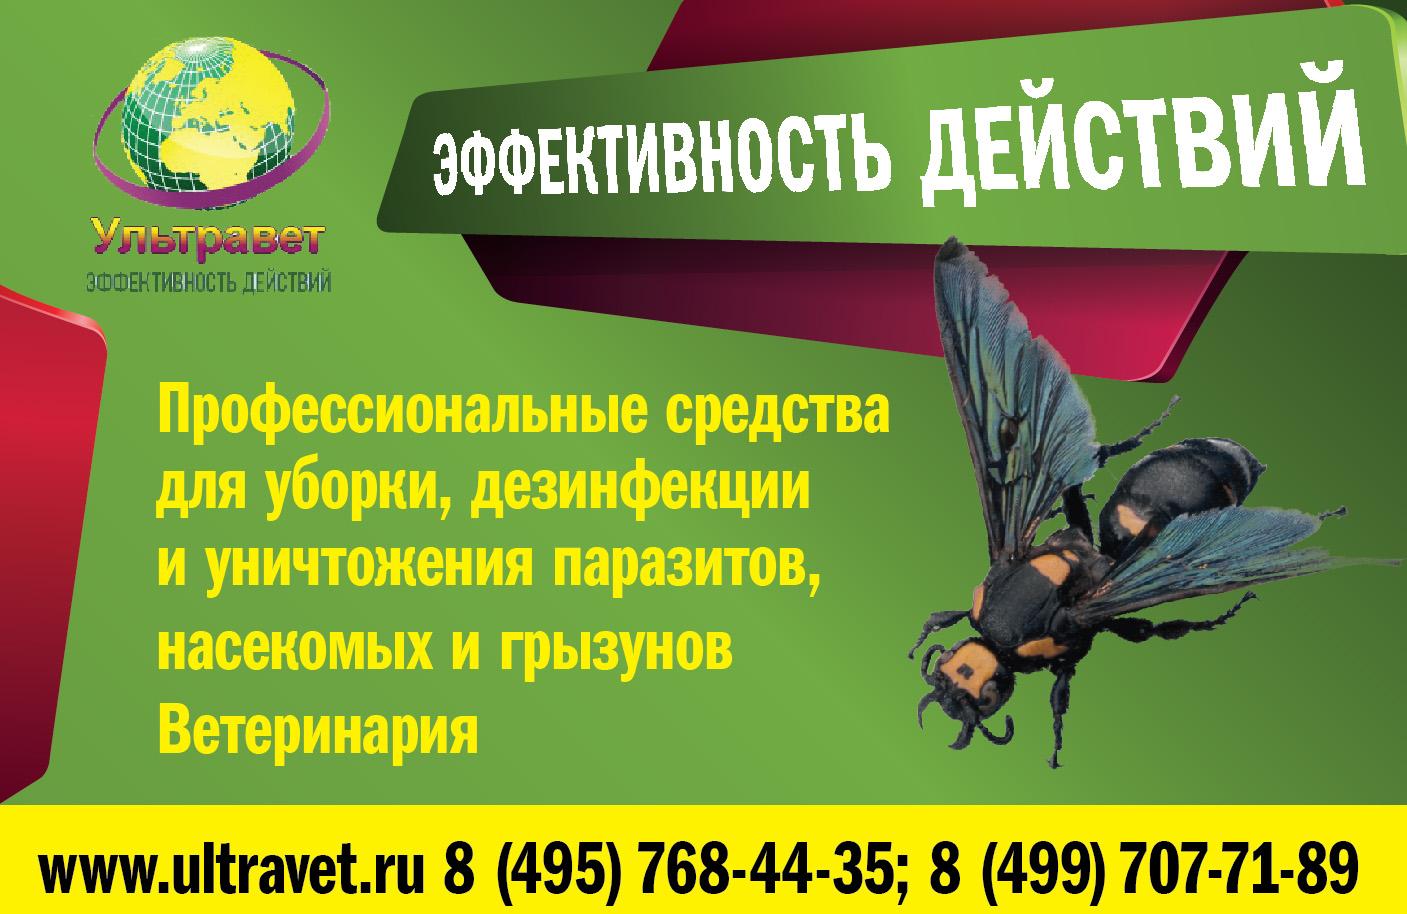 Придумайте дизайн плаката. фото f_9685448f1a3b2c15.jpg